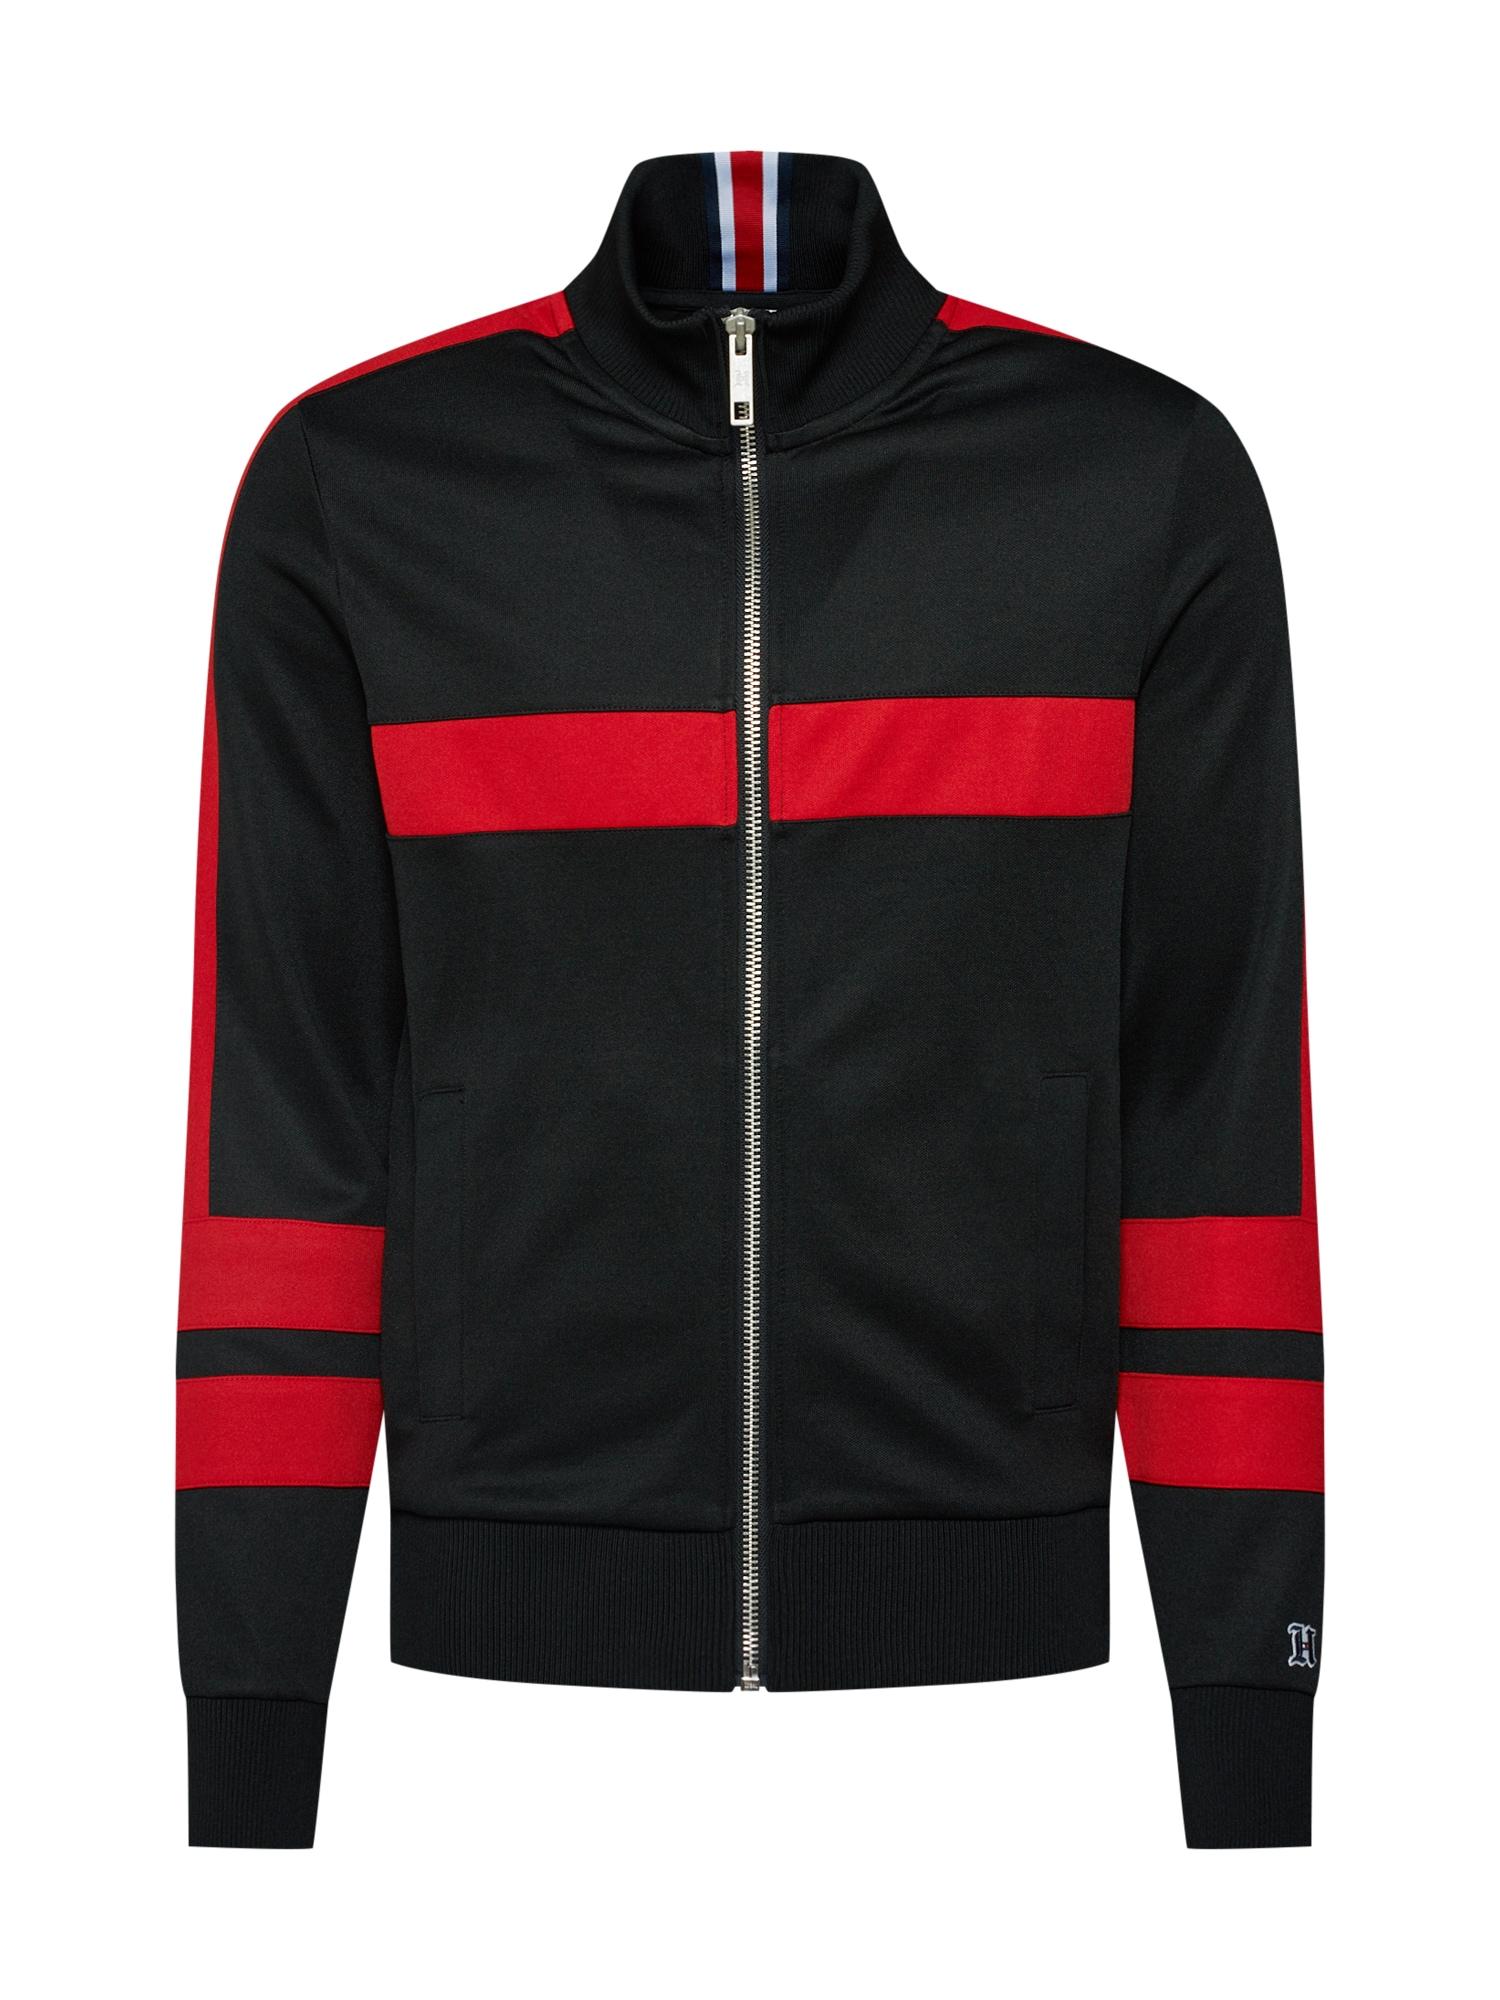 Mikina s kapucí LEWIS HAMILTON červená černá TOMMY HILFIGER